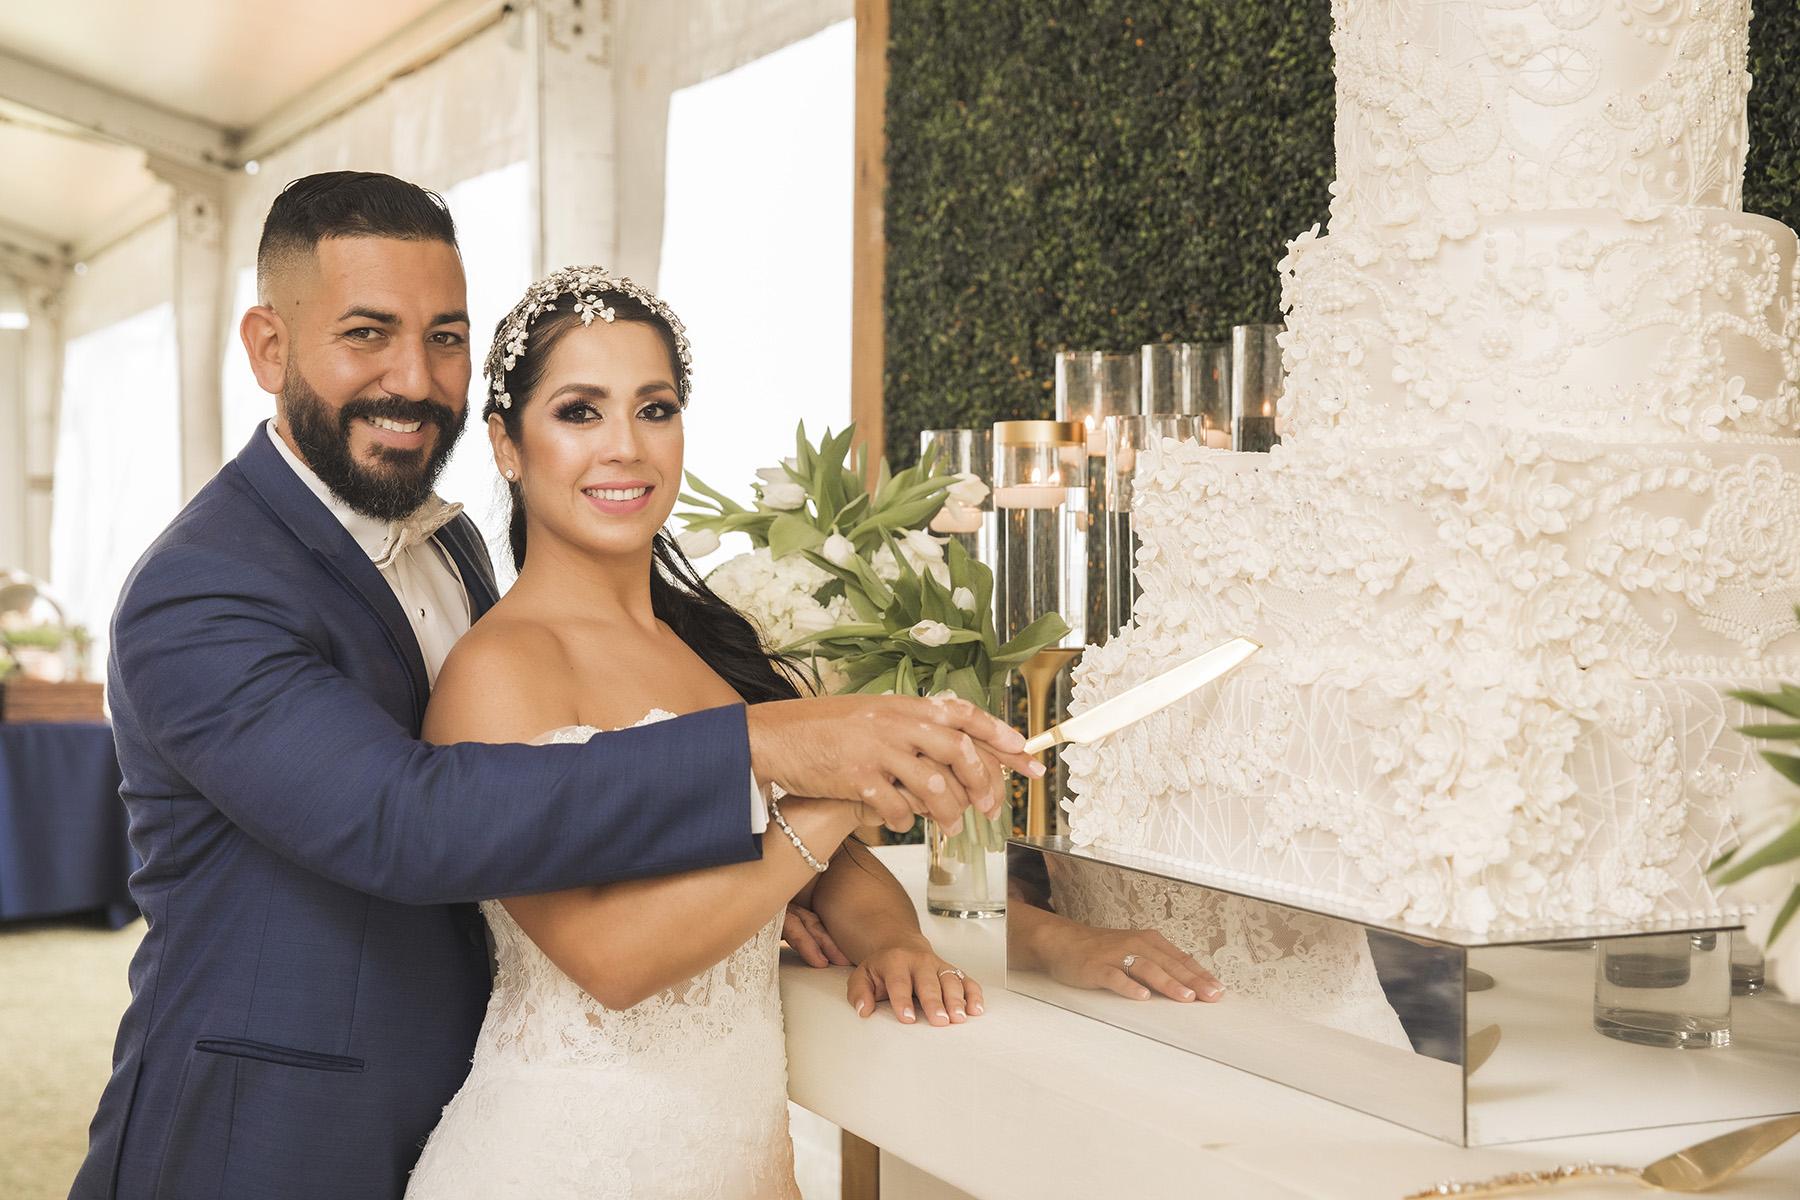 El bizcocho fue de C+M Cake Designers. También sirvieron piraguas de Piragua Premia'. Chef Jota by Jeremie Cruz, se encargó del banquete de recepción. Fotografía Wedding Mafia.